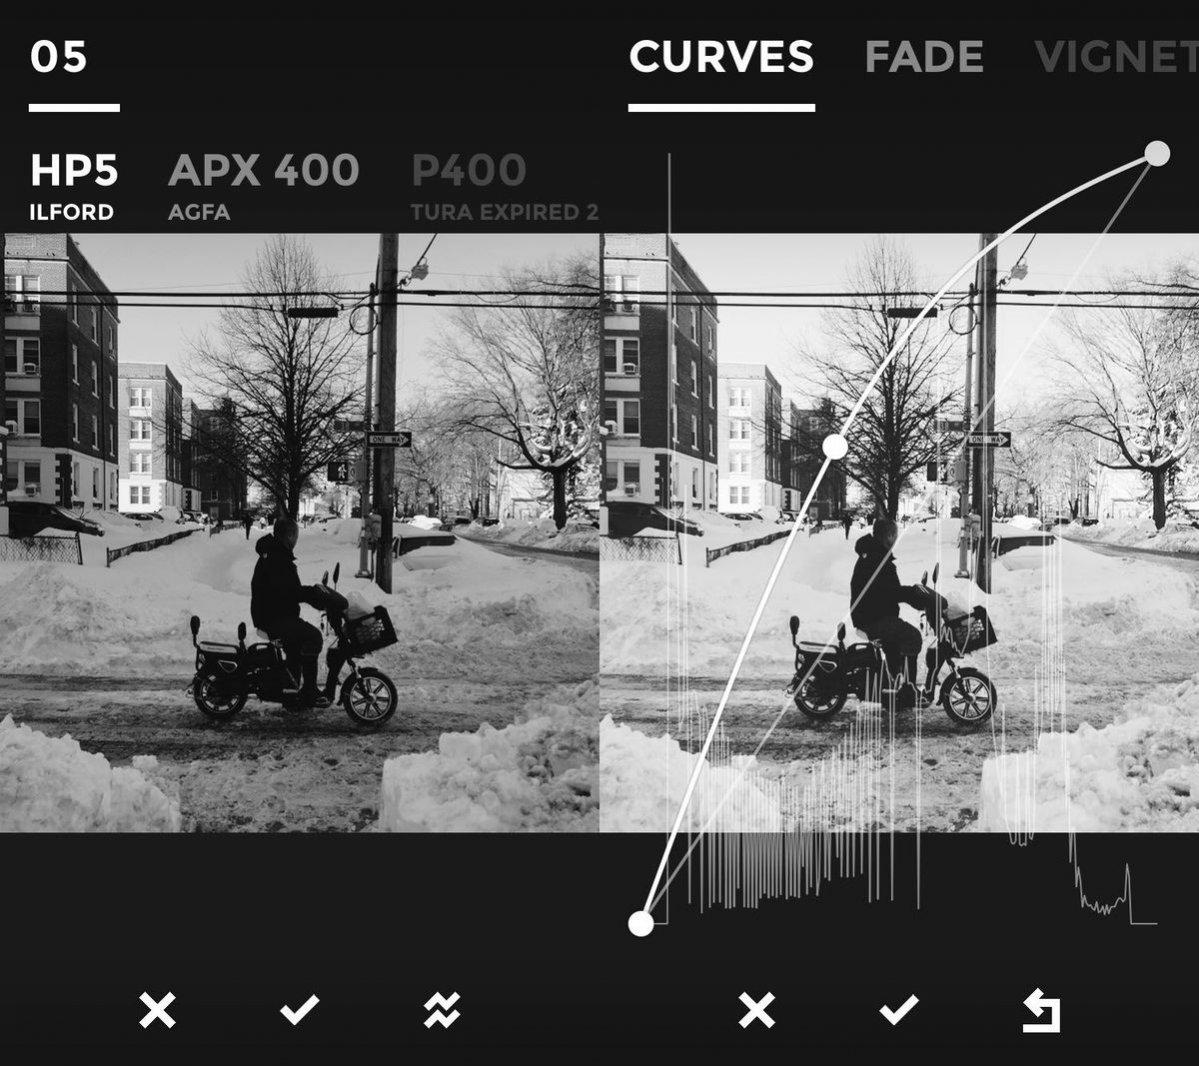 Najlepsze aplikacje na Instagram - BLACK (tworzenie wyjątkowych, czarno-białych zdjęć, iOS)